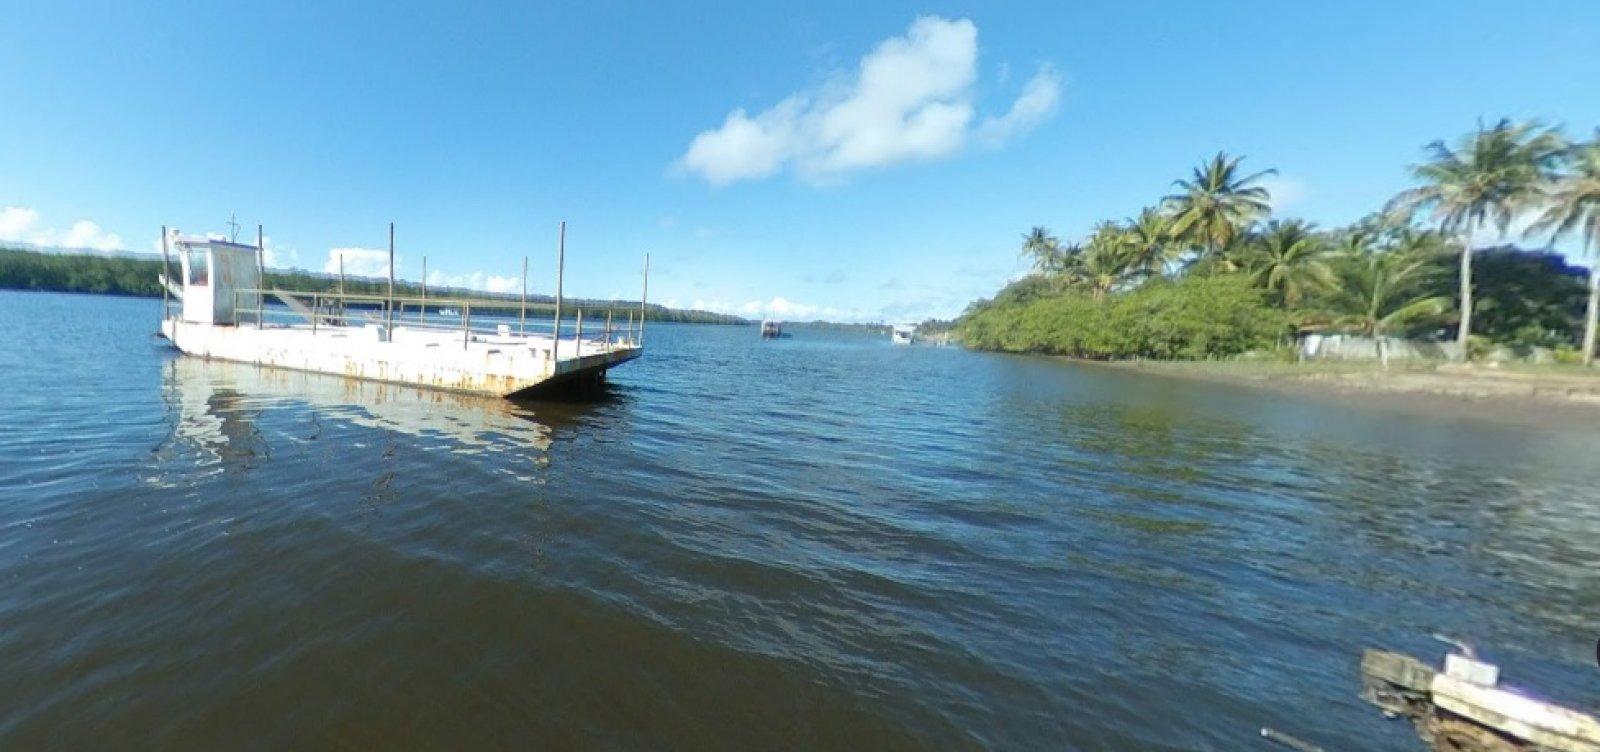 [Vila Galé abandona projeto hoteleiro em suposta zona indígena na Bahia]